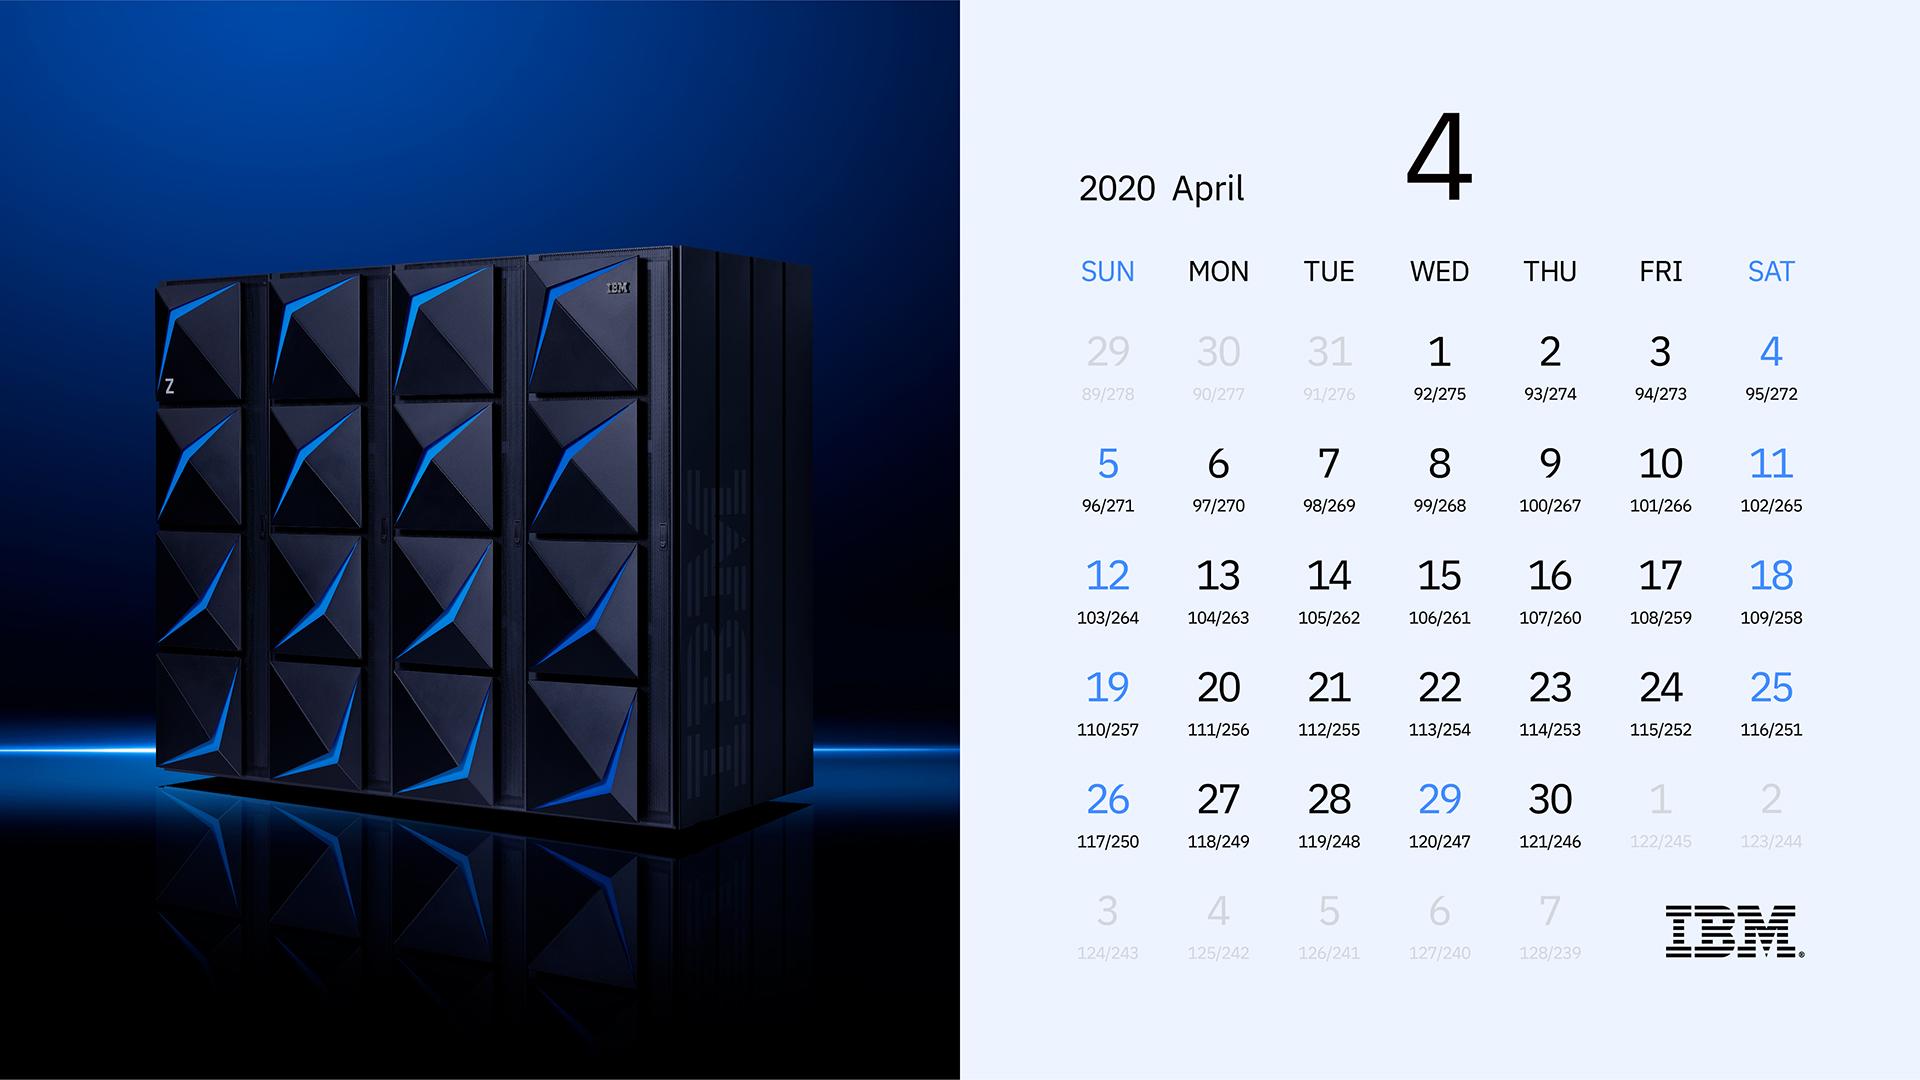 Ibm Z 特製 2020年カレンダー壁紙 ダウンロード Ibm Systems Japan Blog